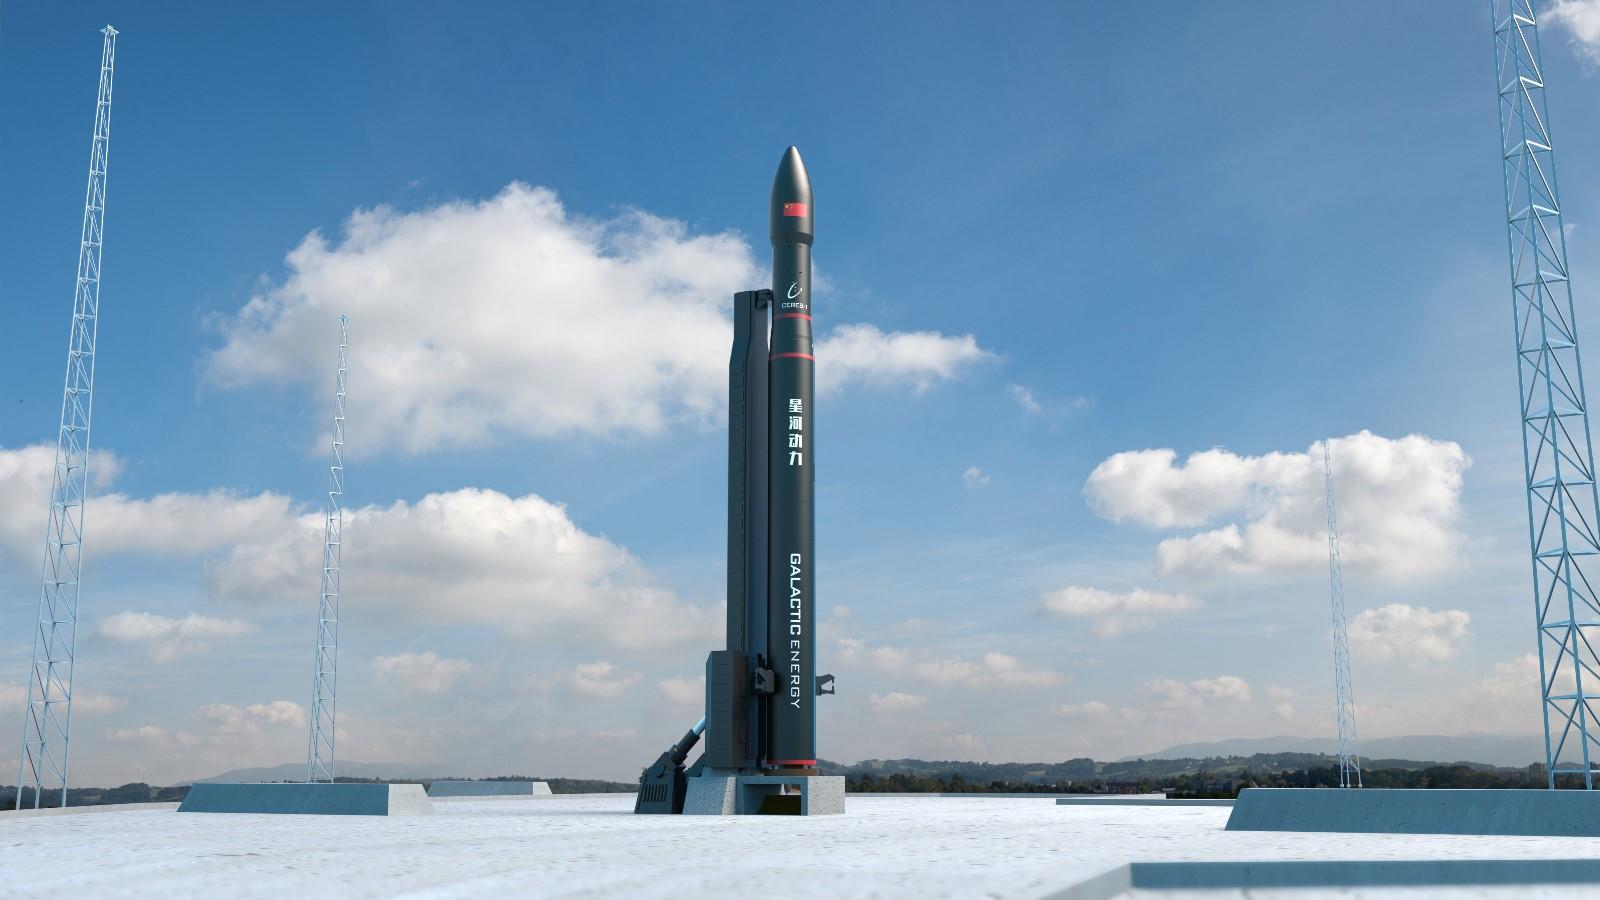 """预计年中固体火箭入轨发射,成立1年多的星河动力如何成为火箭民企""""超越者""""?"""